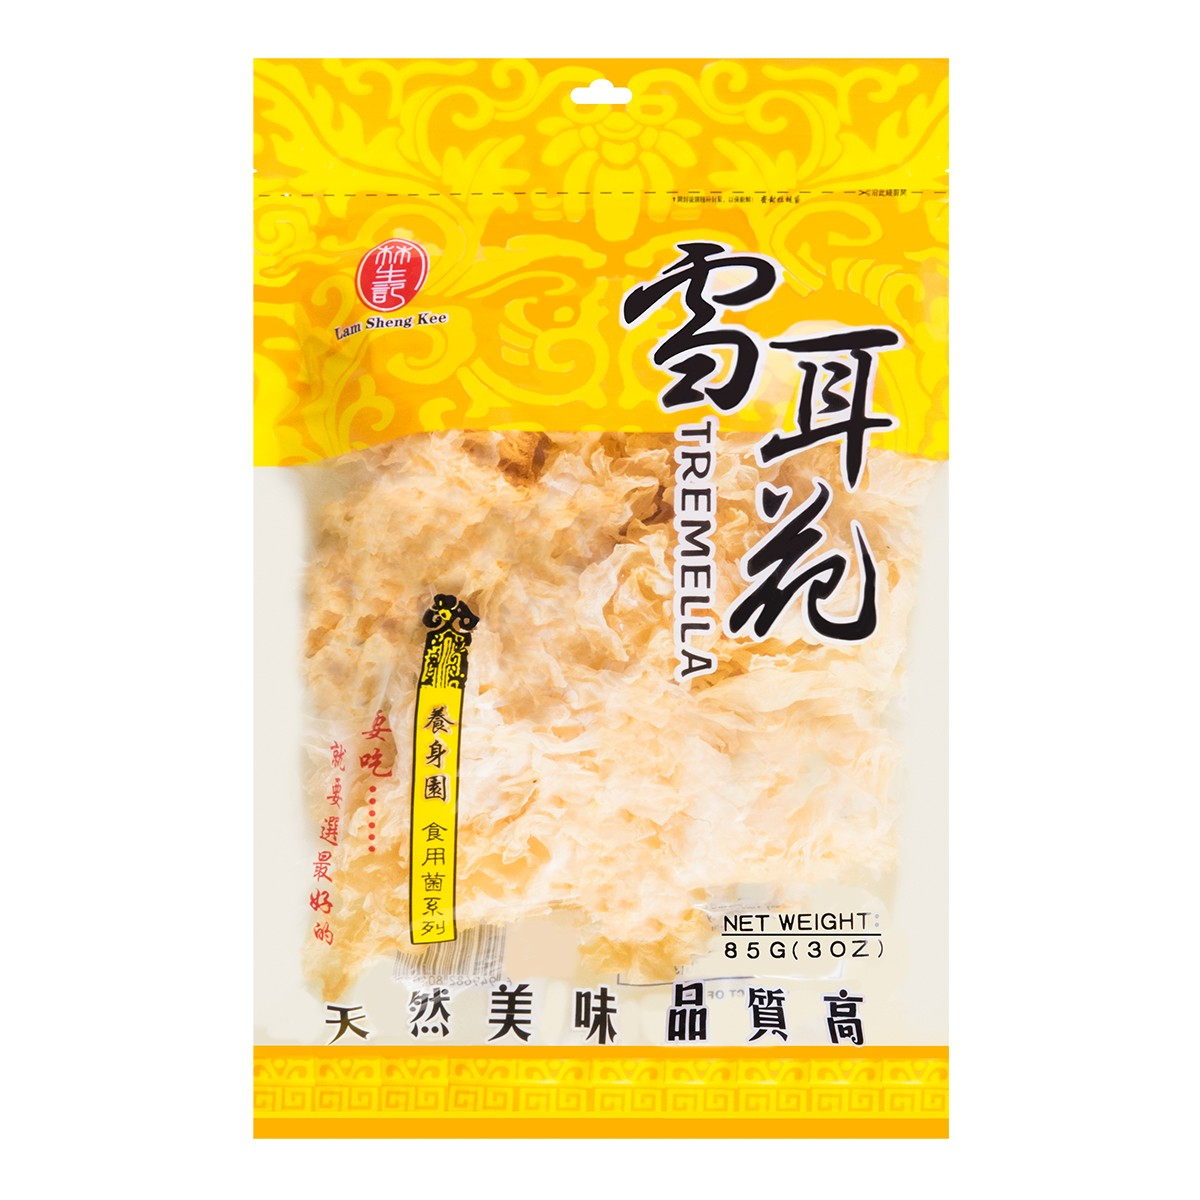 台湾林生记 精选雪耳花 85g